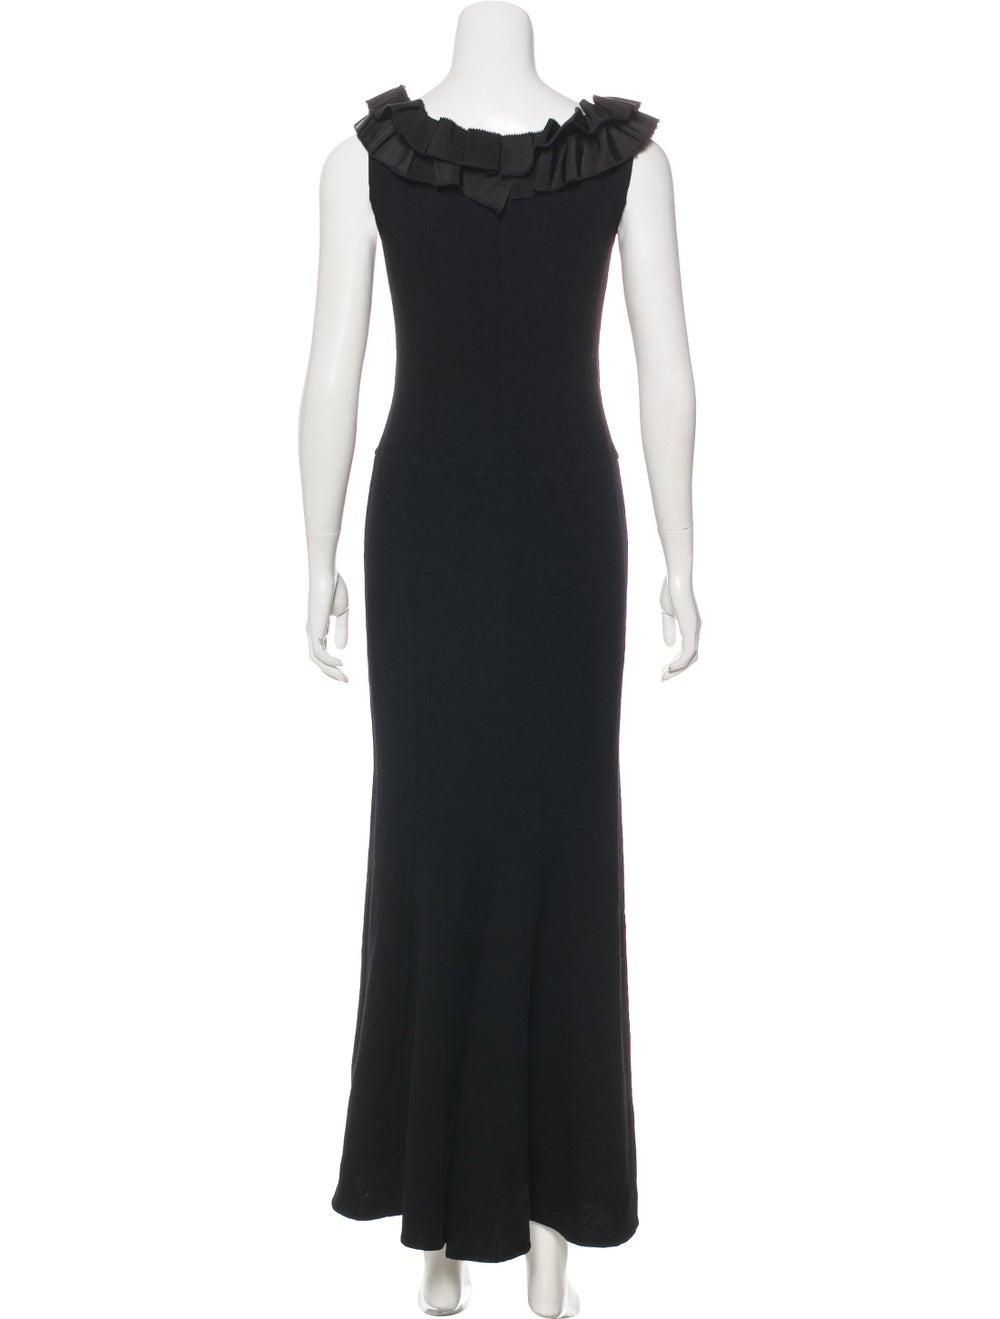 Oscar de la Renta Wool Maxi Dress Black - image 3